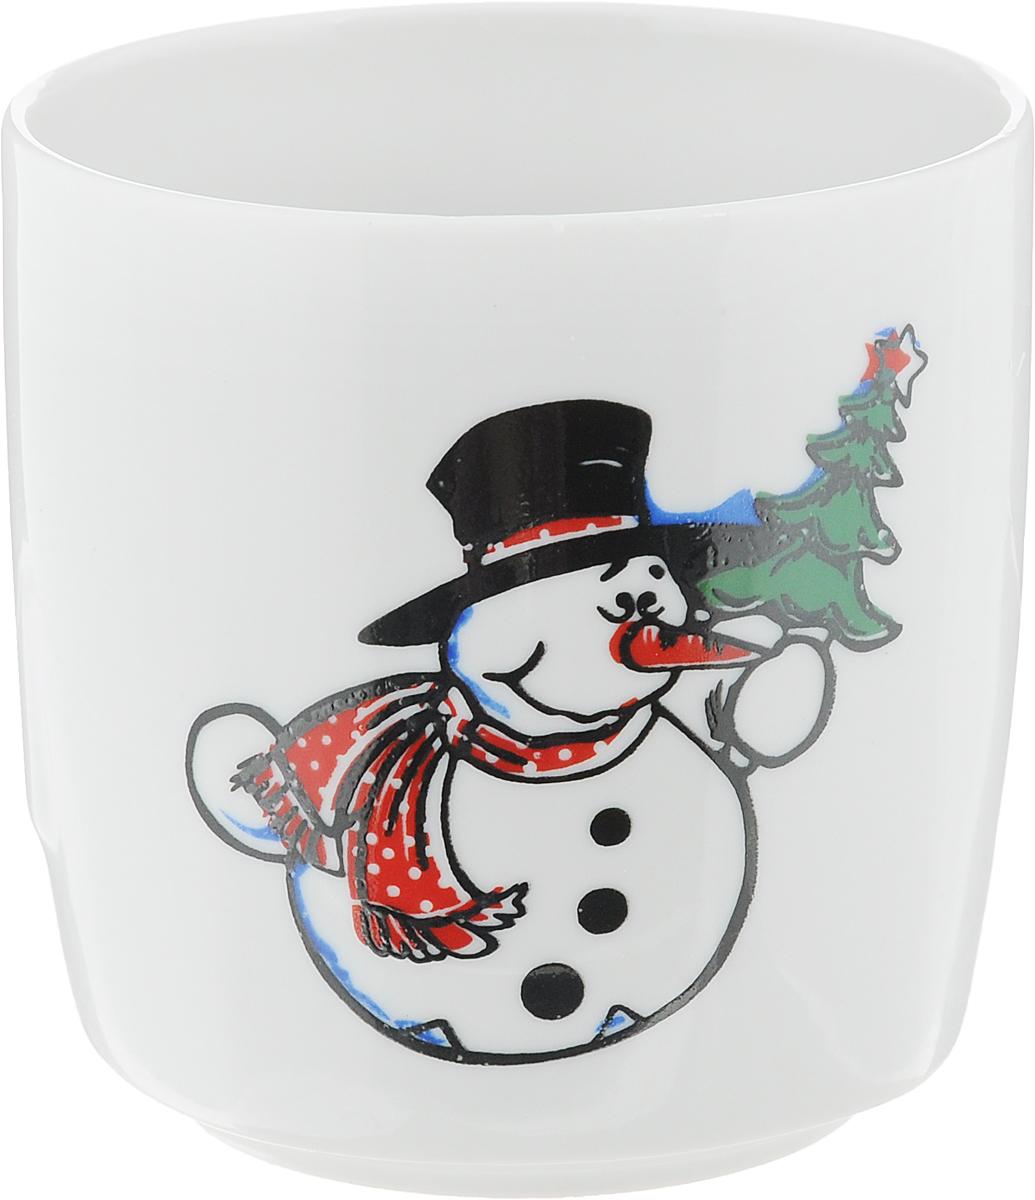 Стакан Фарфор Вербилок Снеговик с елкой, 210 мл28783160Стакан Фарфор Вербилок Снеговик с елкой выполнен из высококачественного фарфора. Он прекрасно подойдет для горячих и холодных напитков. Такой стакан отлично дополнит вашу коллекцию кухонной посуды и порадует вас ярким дизайном и практичностью. Диаметр стакана по верхнему краю: 7 см. Высота стенки: 7,5 см.